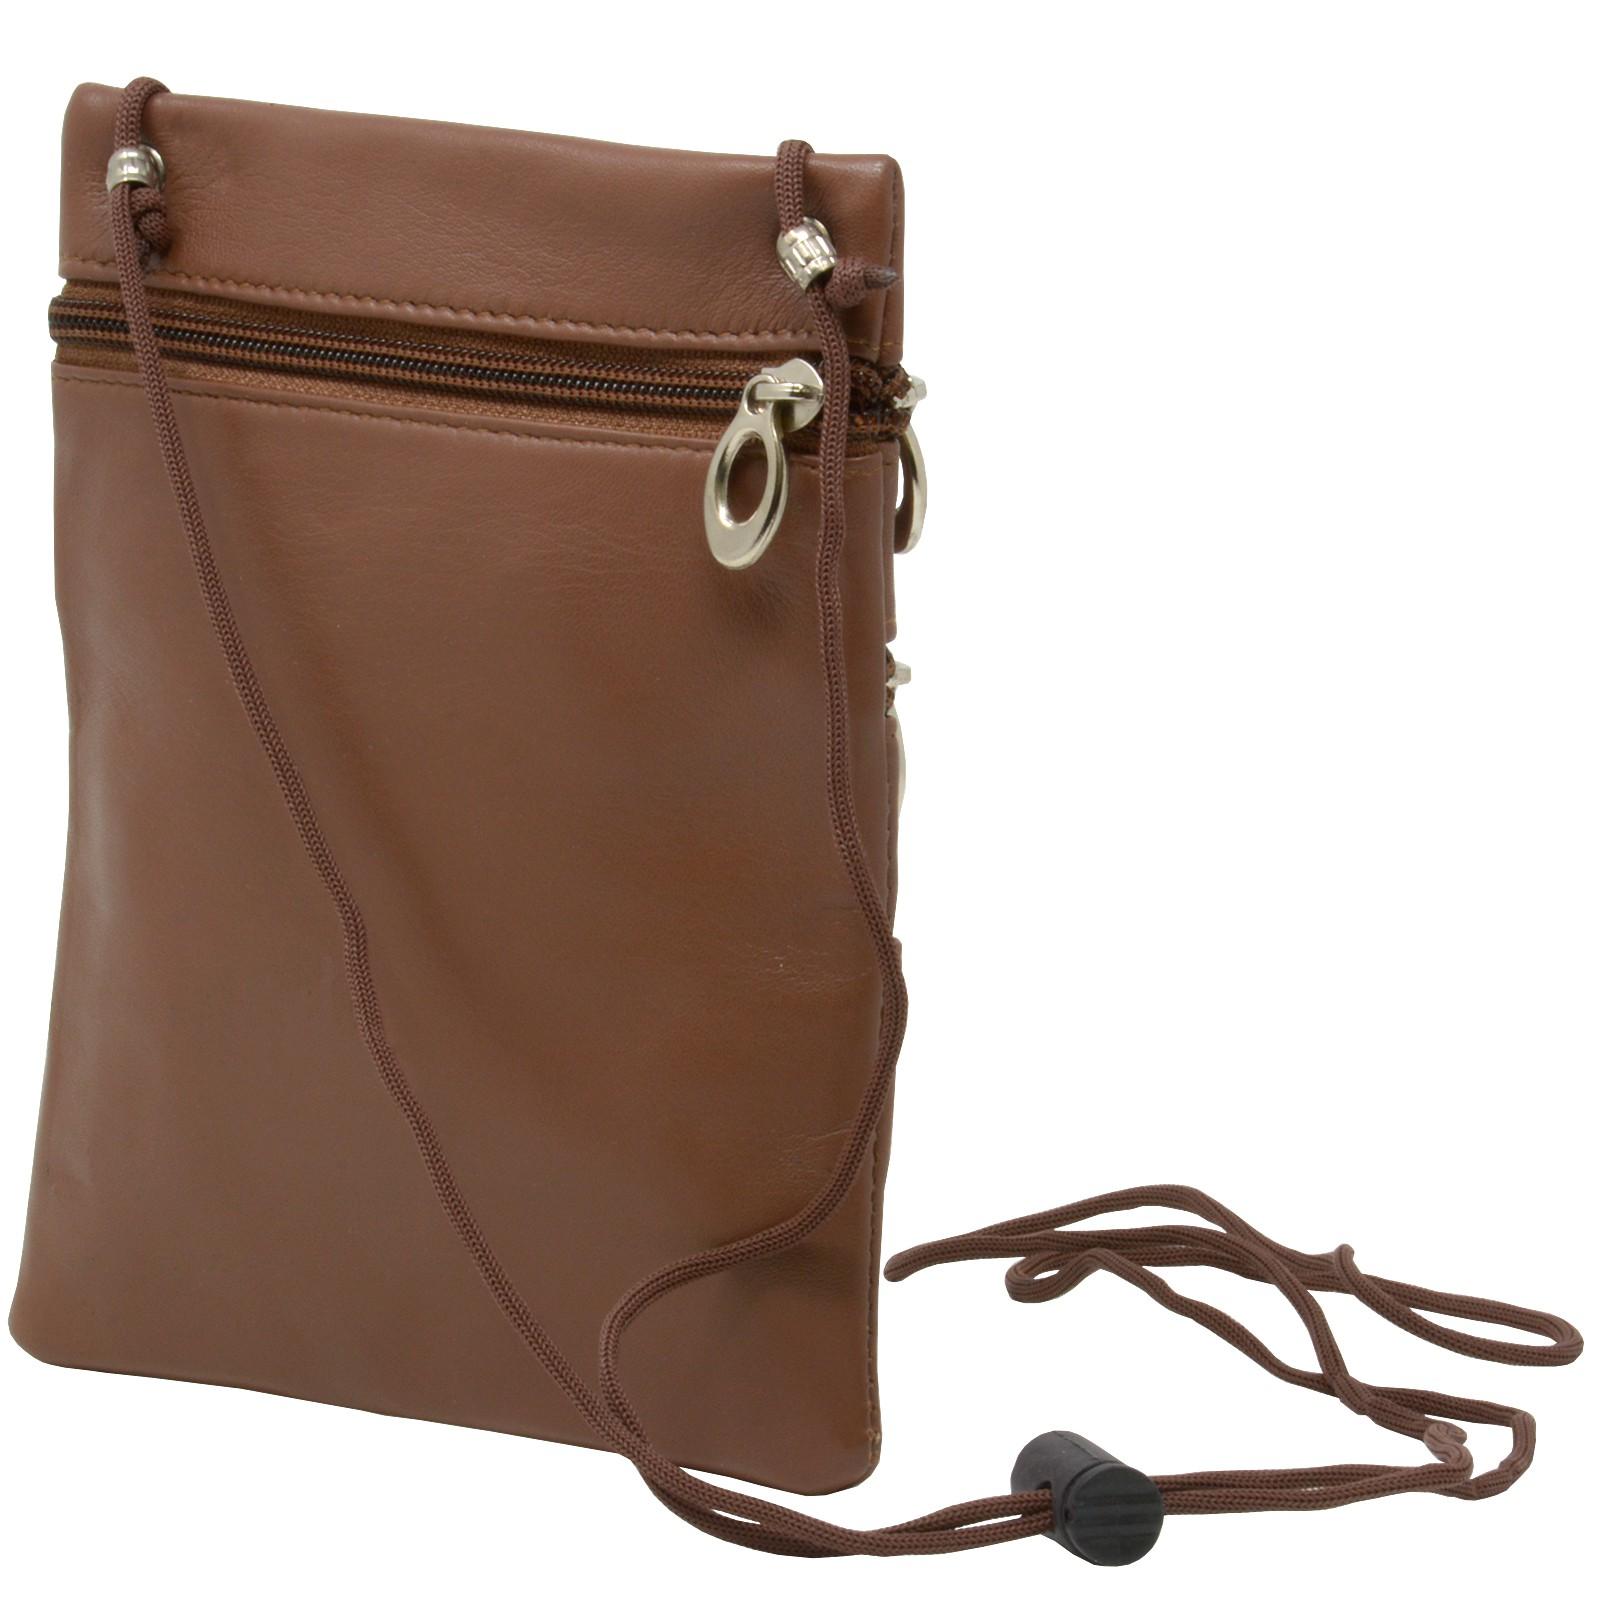 7bcbd64a91af Details about Soft Leather Purse Organizer Shoulder Bag 4 Pocket Micro  Handbag Travel Wallet